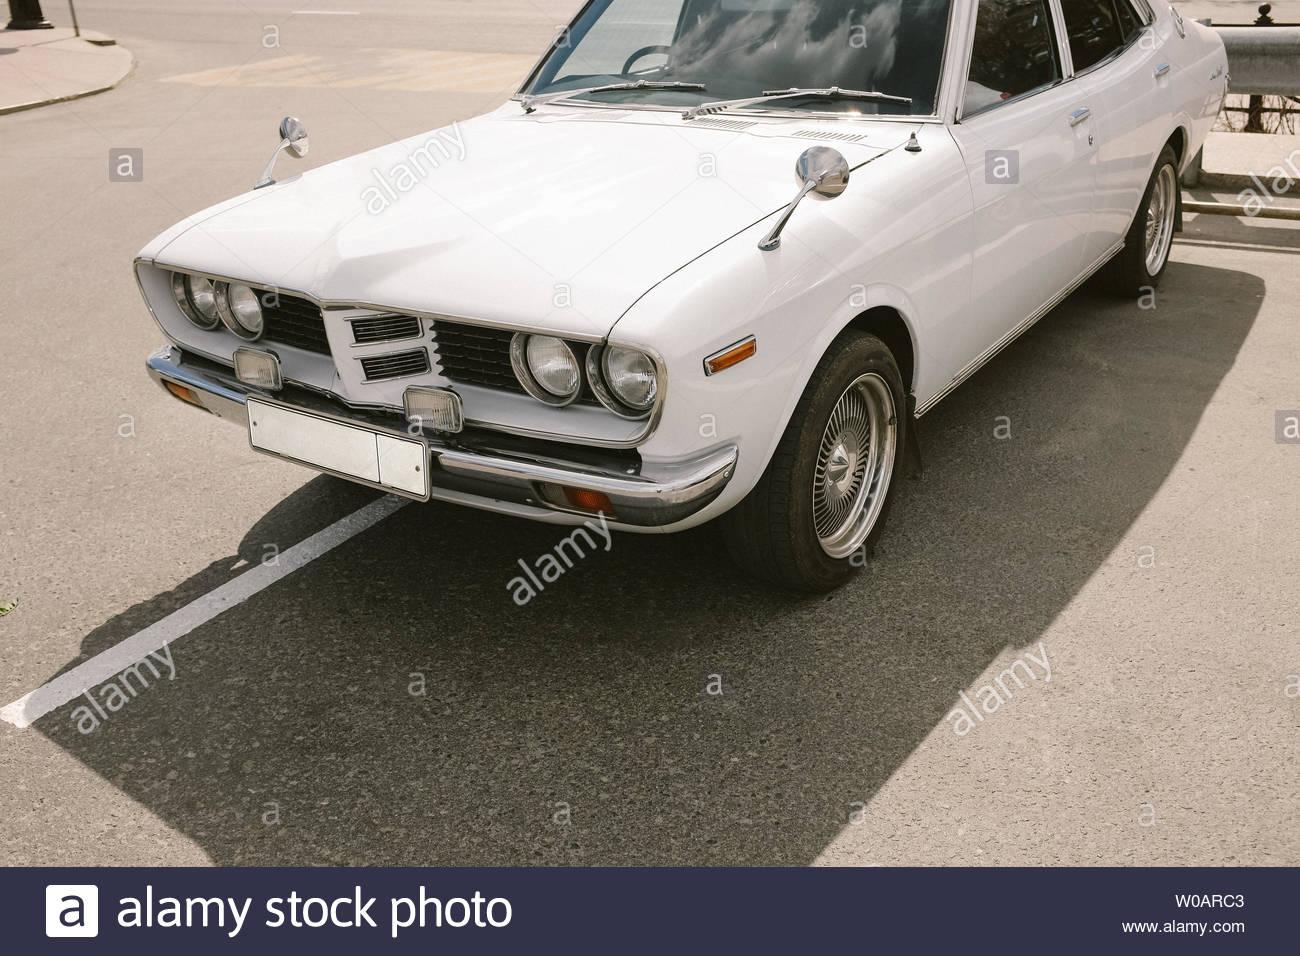 White vintage retro car on a parking. Stock Photo